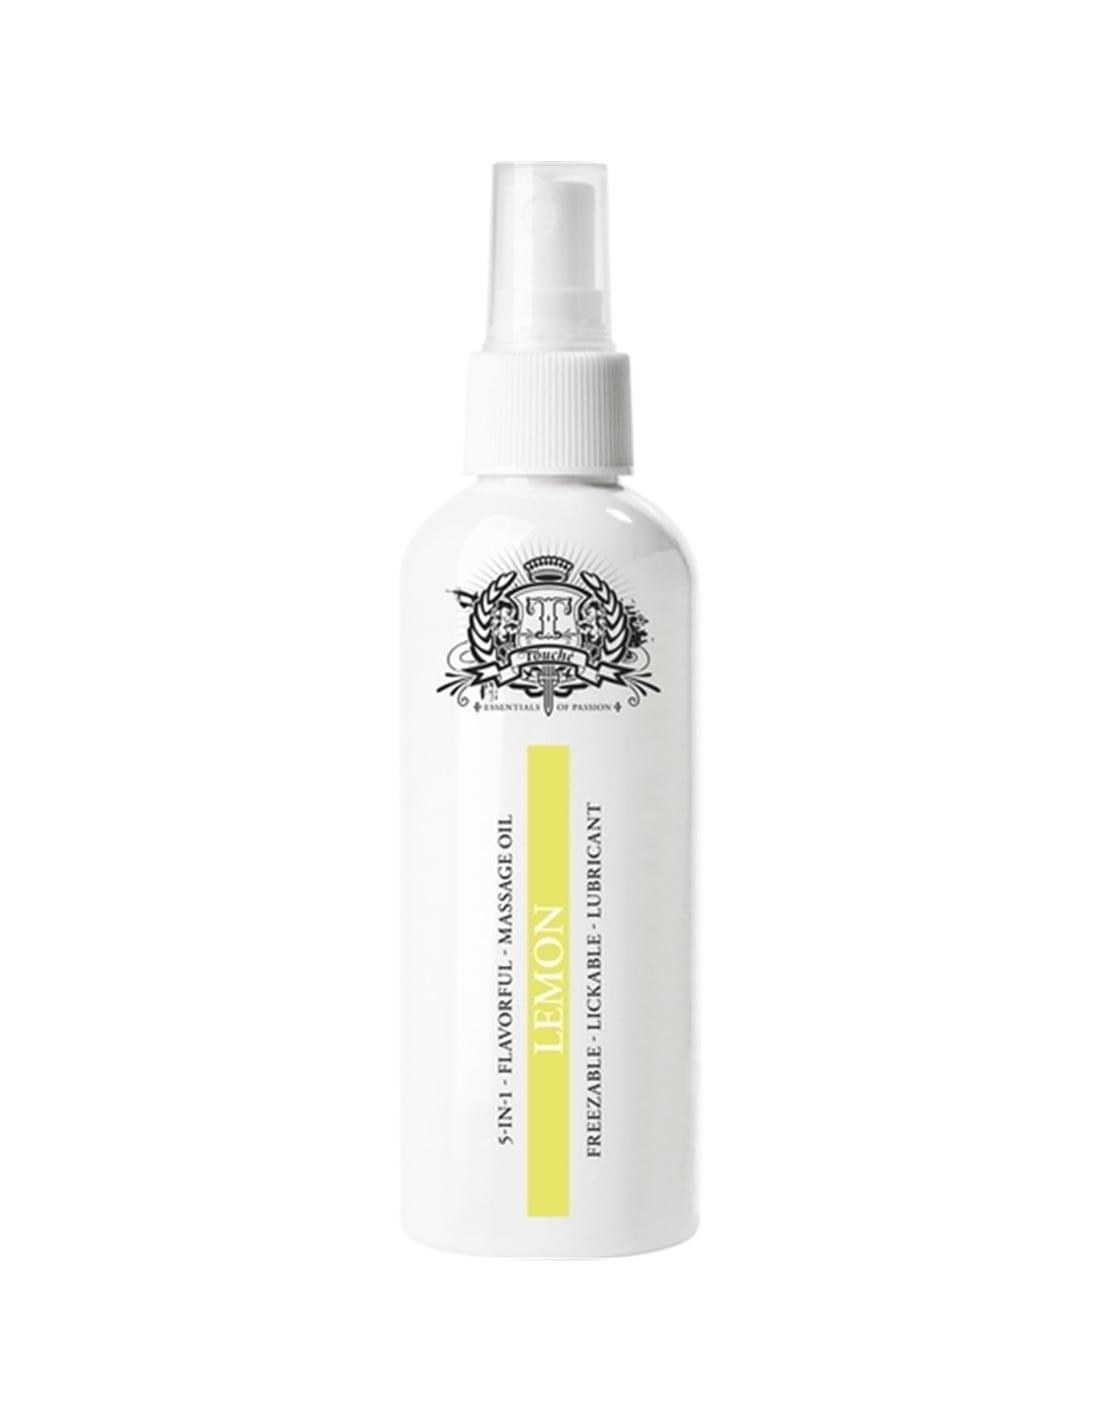 Lubrificante e Óleo de Massagem Touche Ice Limão - 80ml - PR2010318570